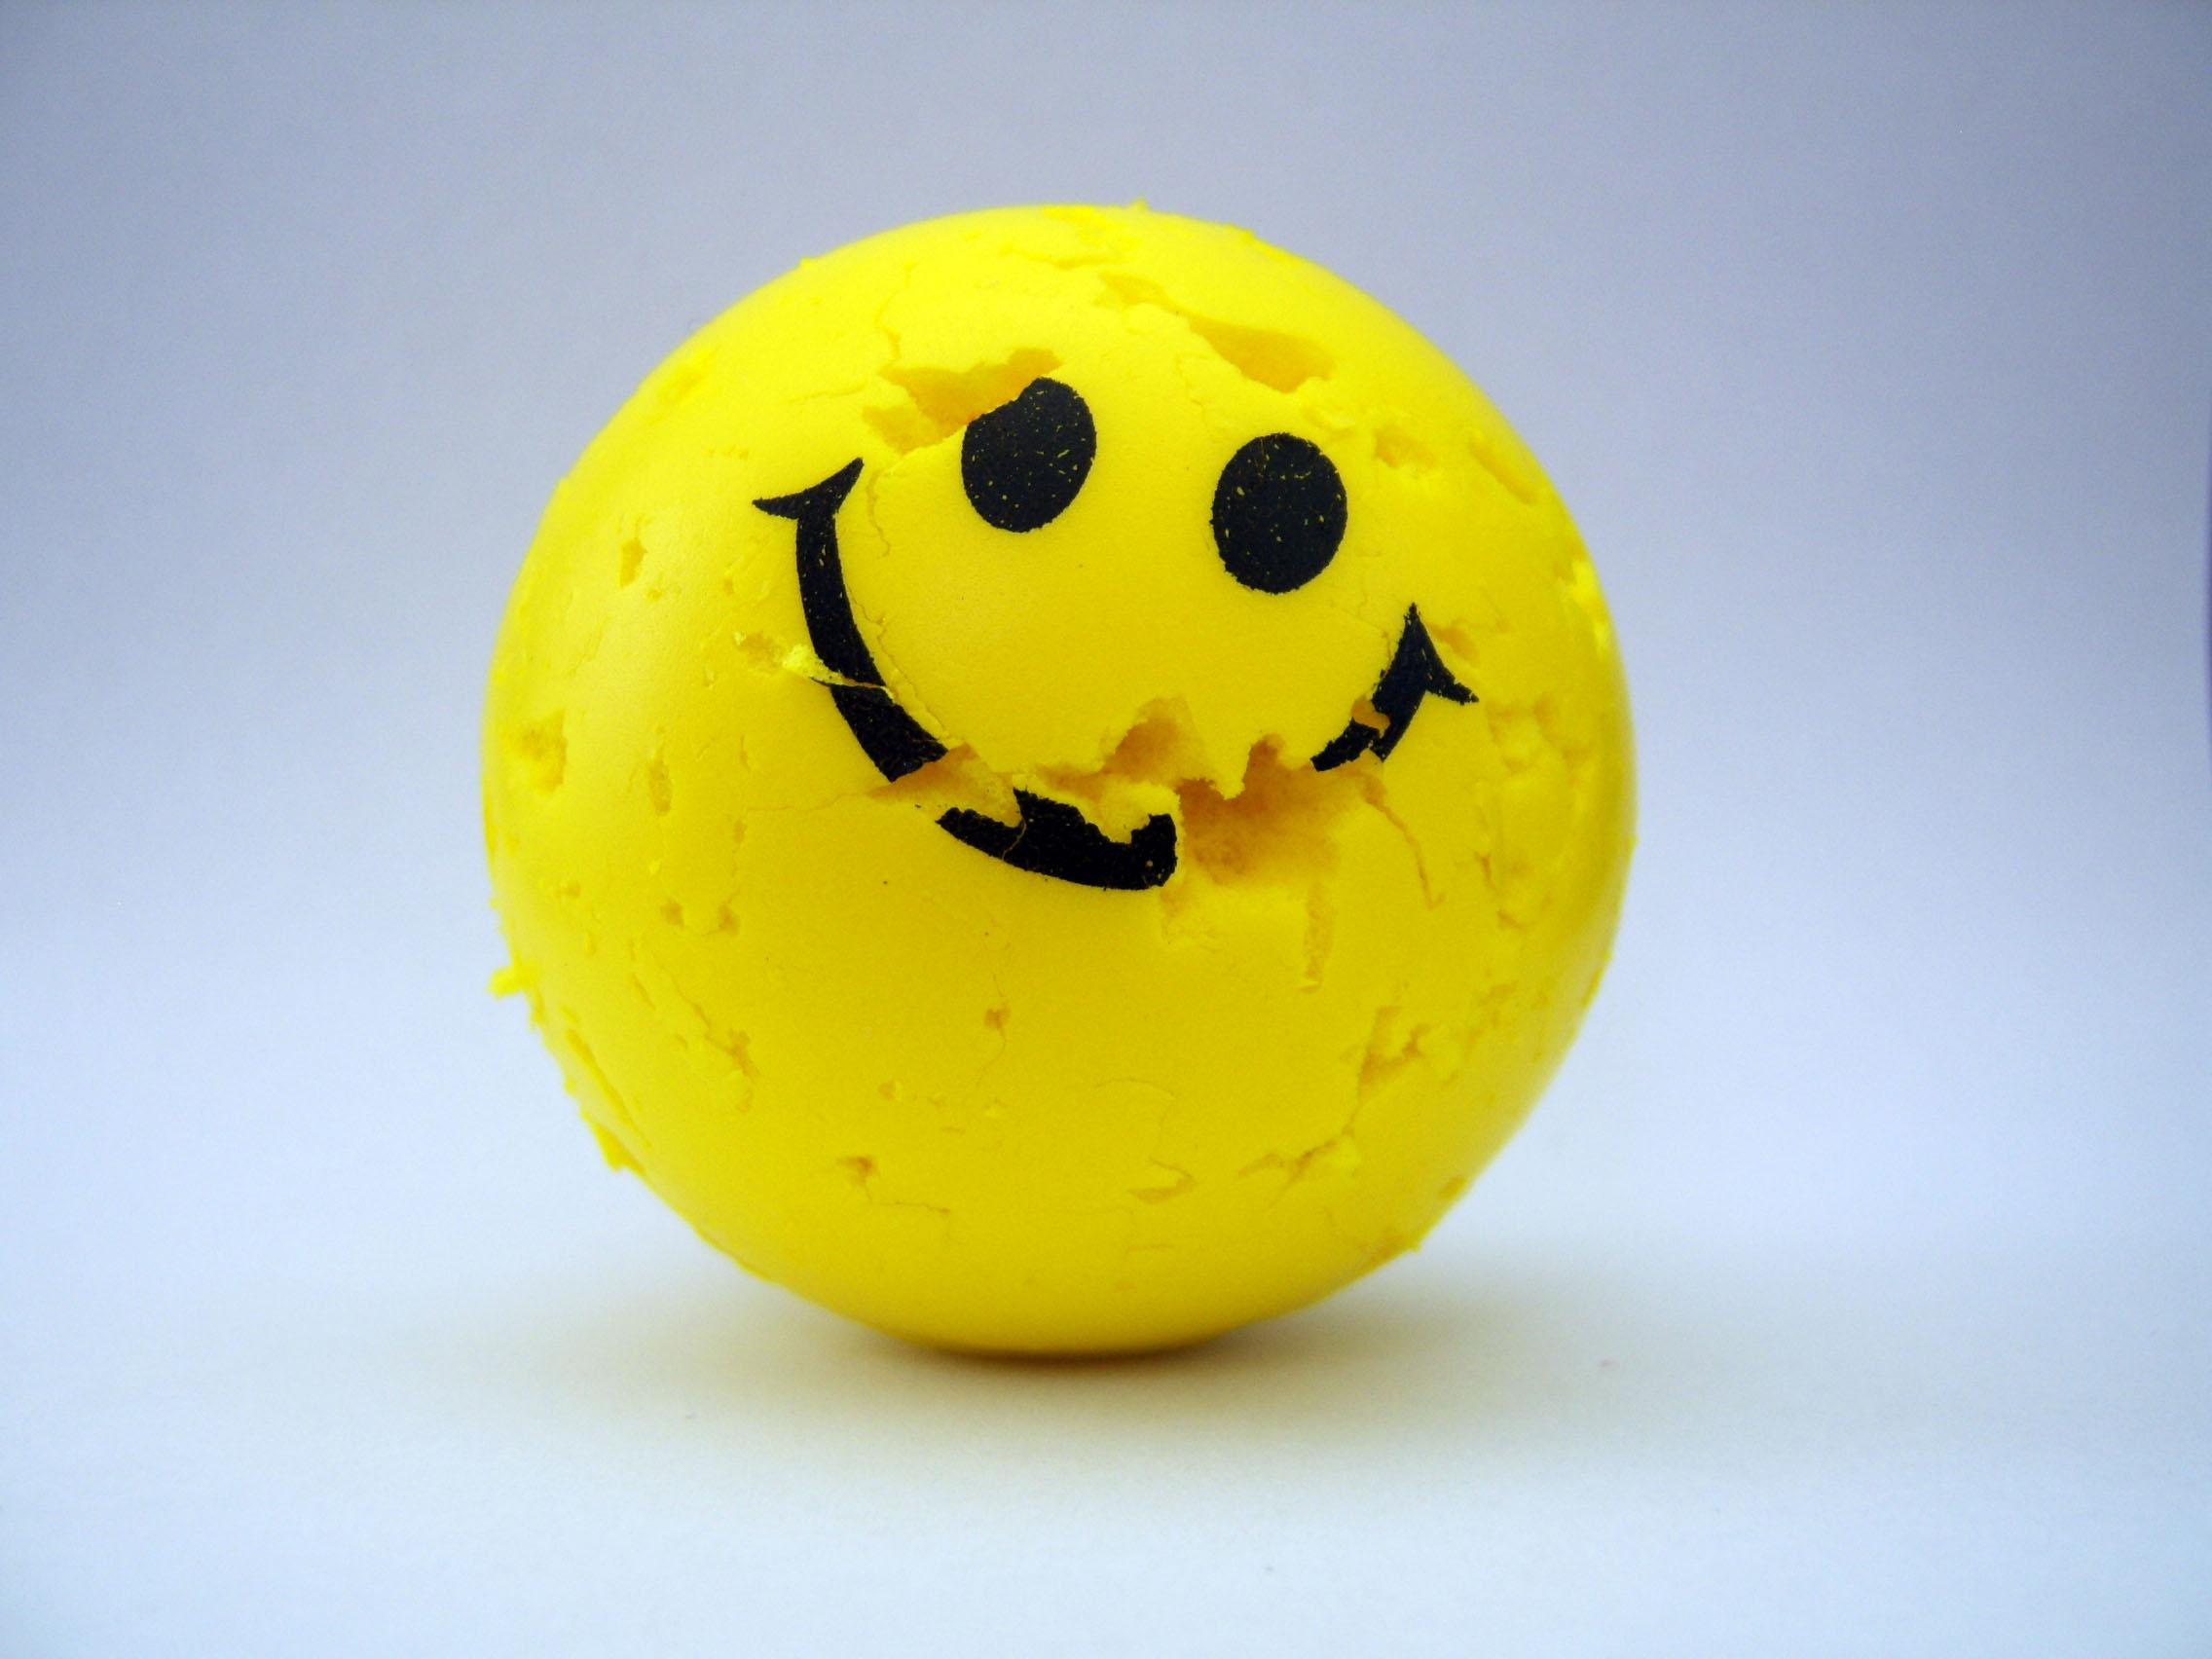 smiling face emoji